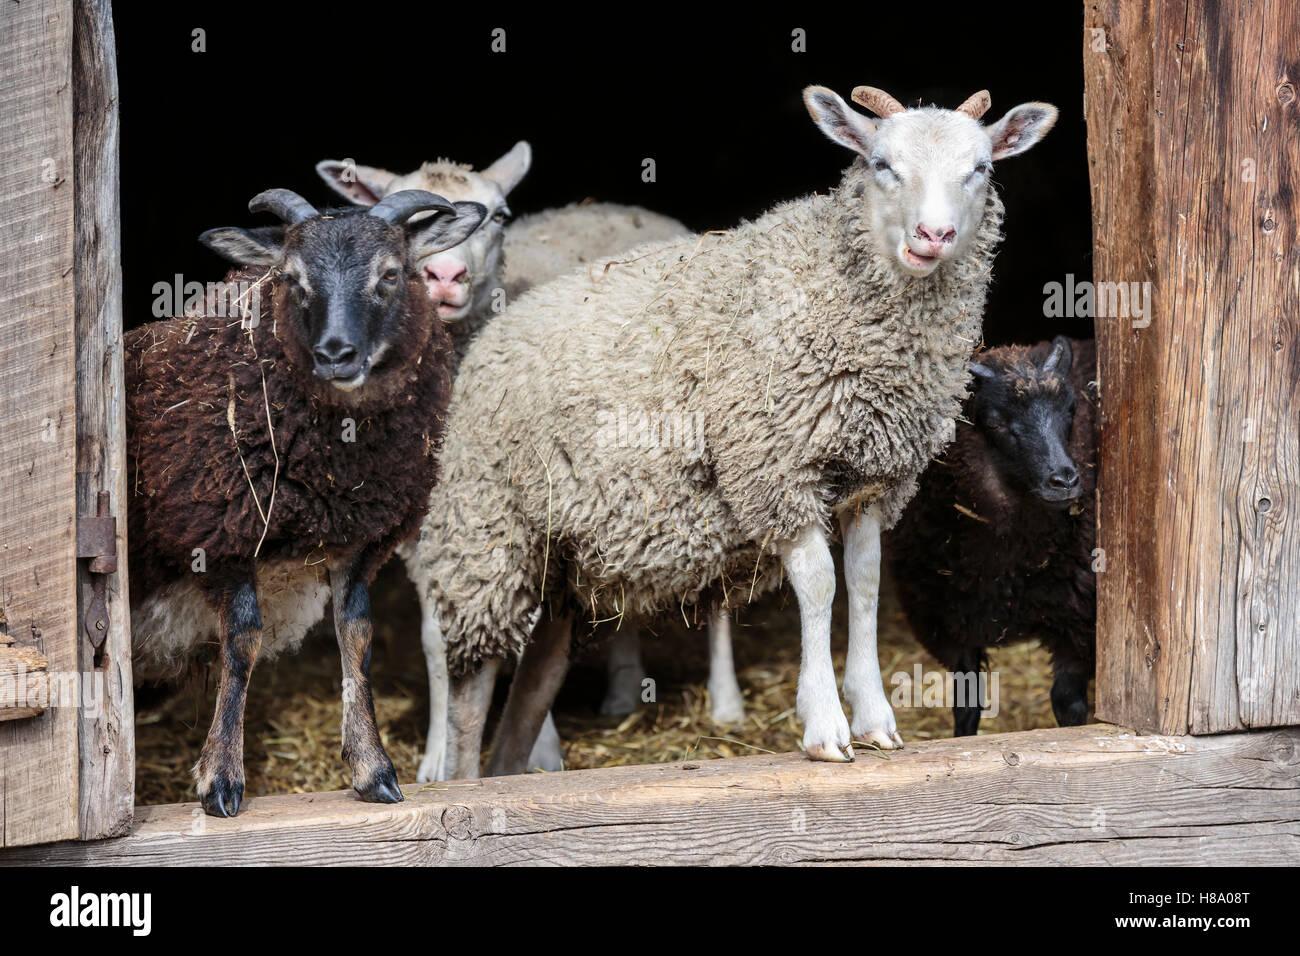 Les moutons domestiques dans une bergerie, l'Ontario, Canada. Photo Stock